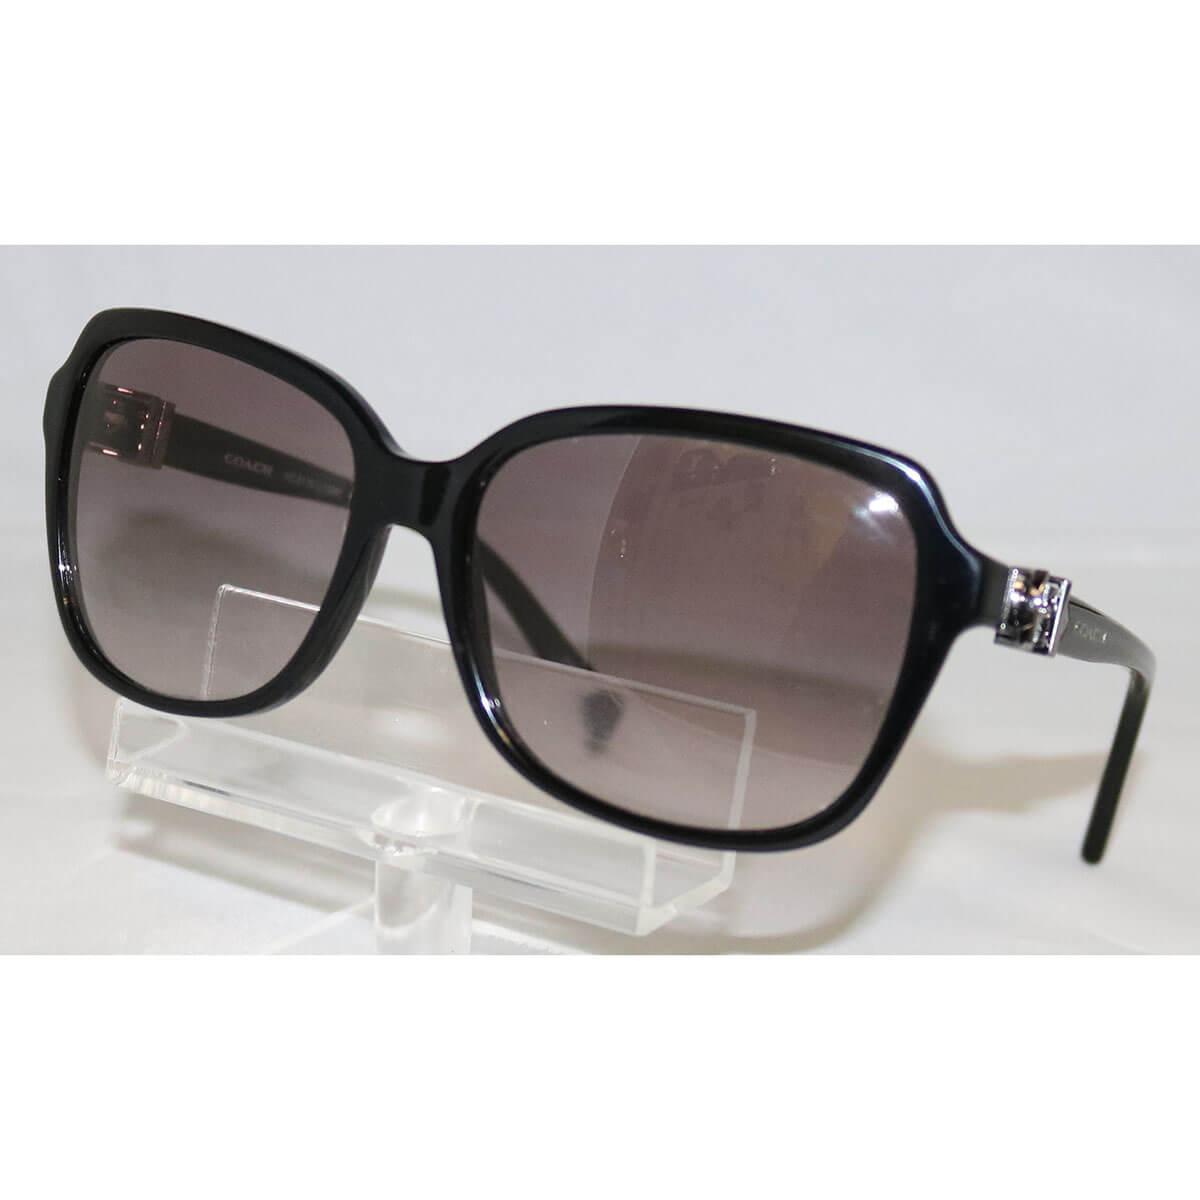 13e8c43dcbf88 Coach Women s HC8179 L1598 500211 Black Silver Square sunglasses